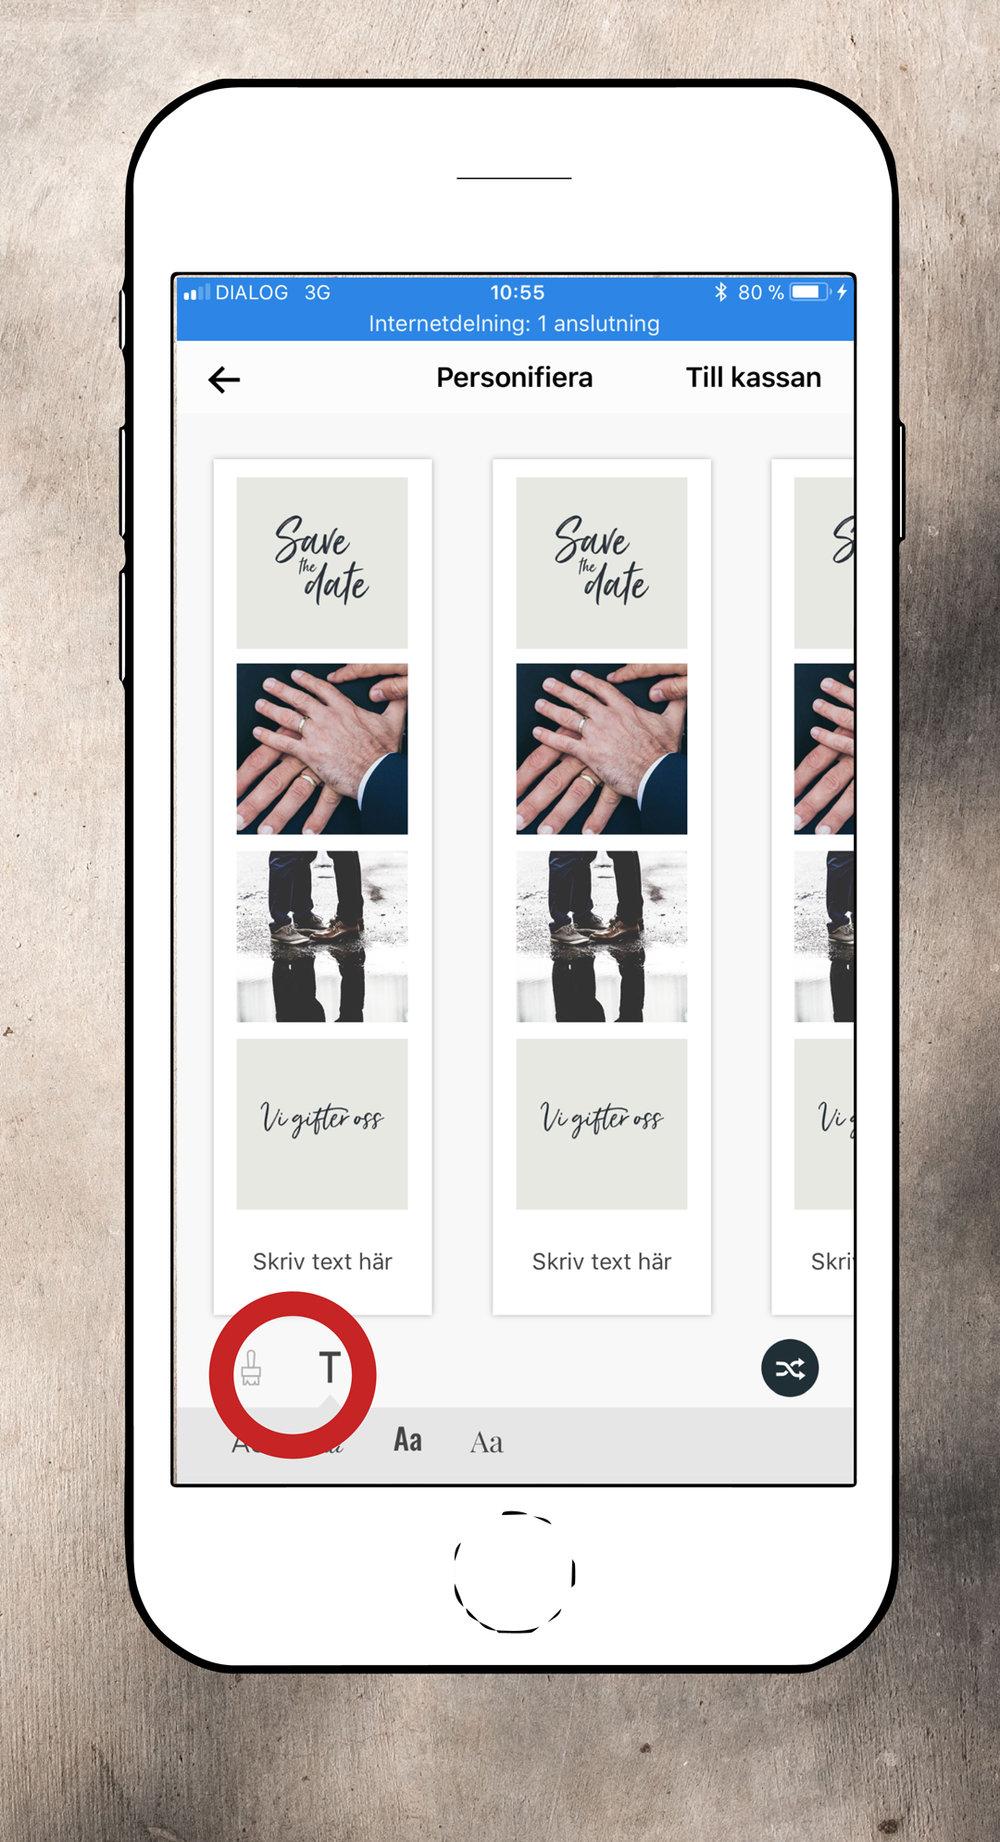 Swappa & skriv - Positionera: För att byta plats på bilderna markerar du bara de två du vill swappa. Gör sedan så med alla bilder tills de ligger precis så som du vill ha dem.Personifiera:  Du kan enkelt lägga till en text med vårt text-verktyg, eller byta bakgrundsfärg med hjälp av penseln.